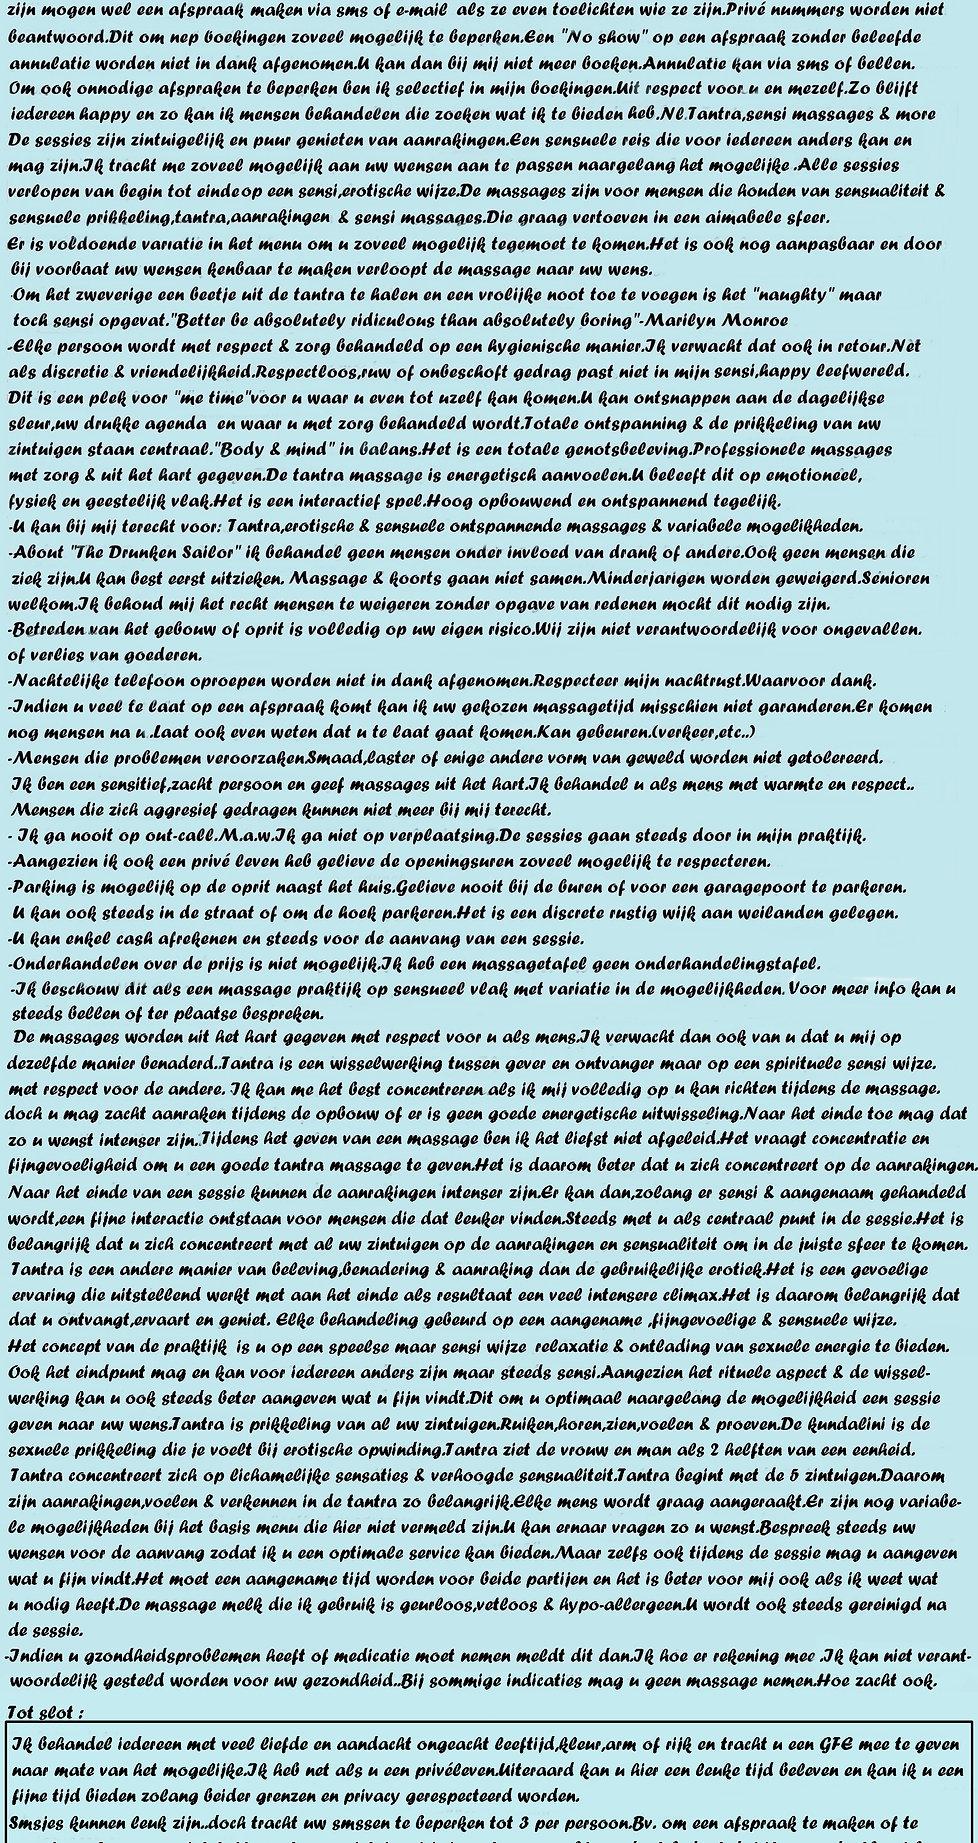 Miss Monroe Massage Parlor/info & good to know/Massagesalon etiquette